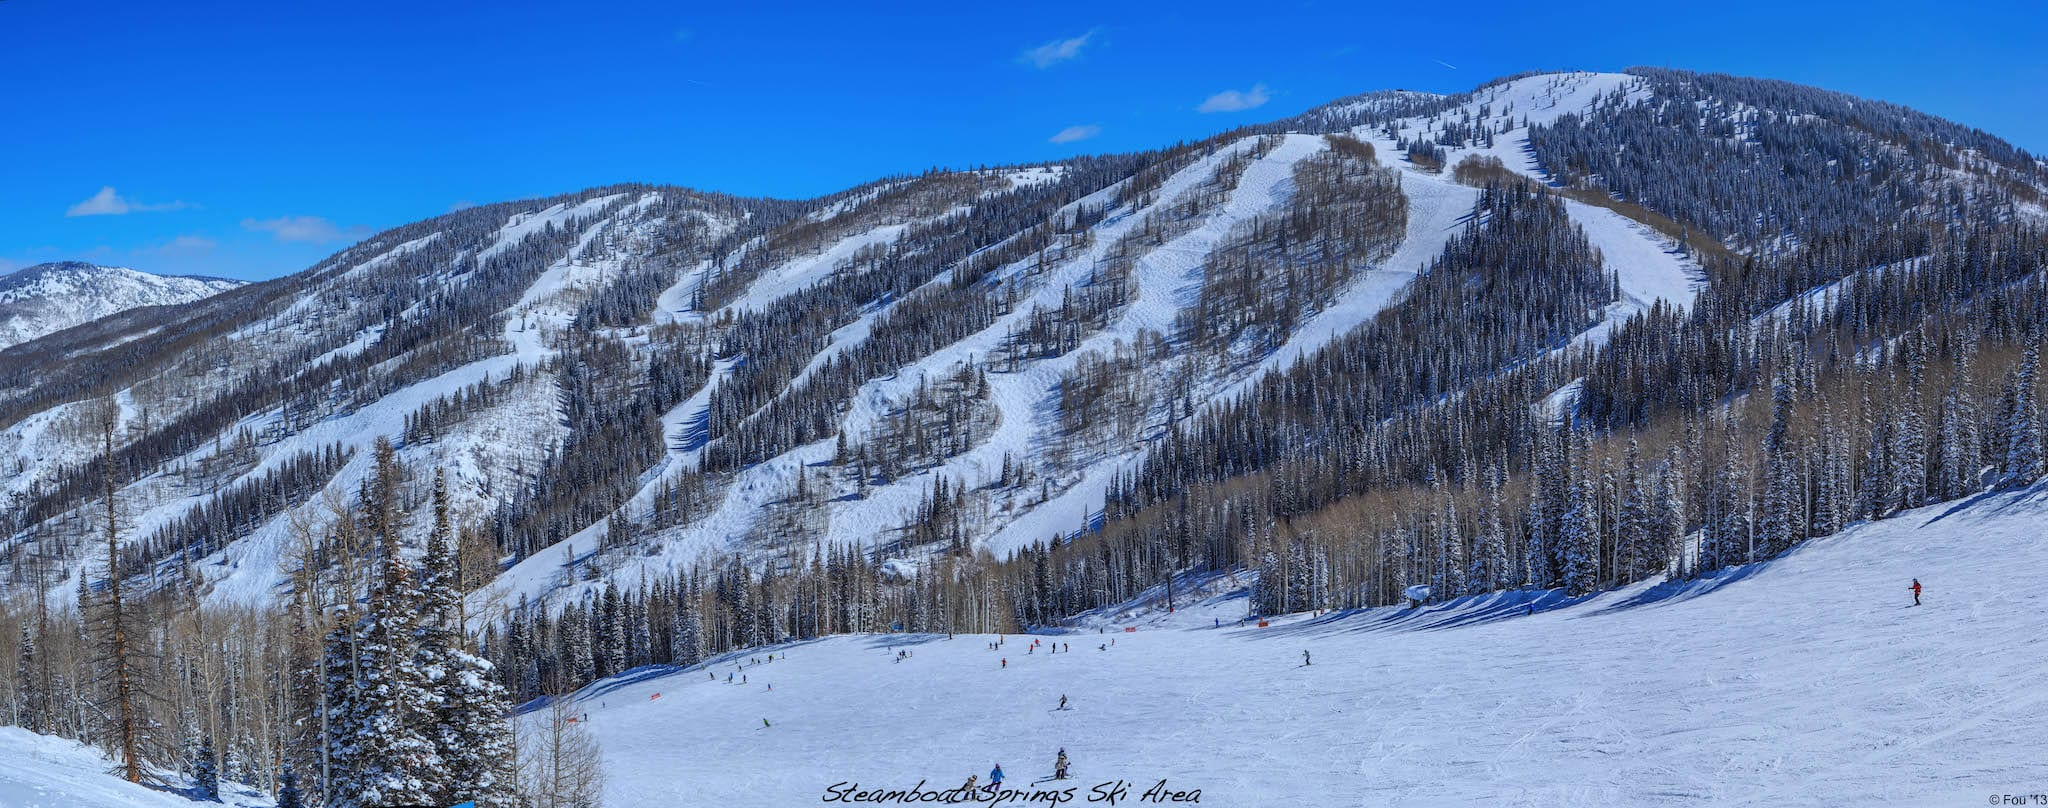 Steamboat Ski Resort Storm Peak Panorama